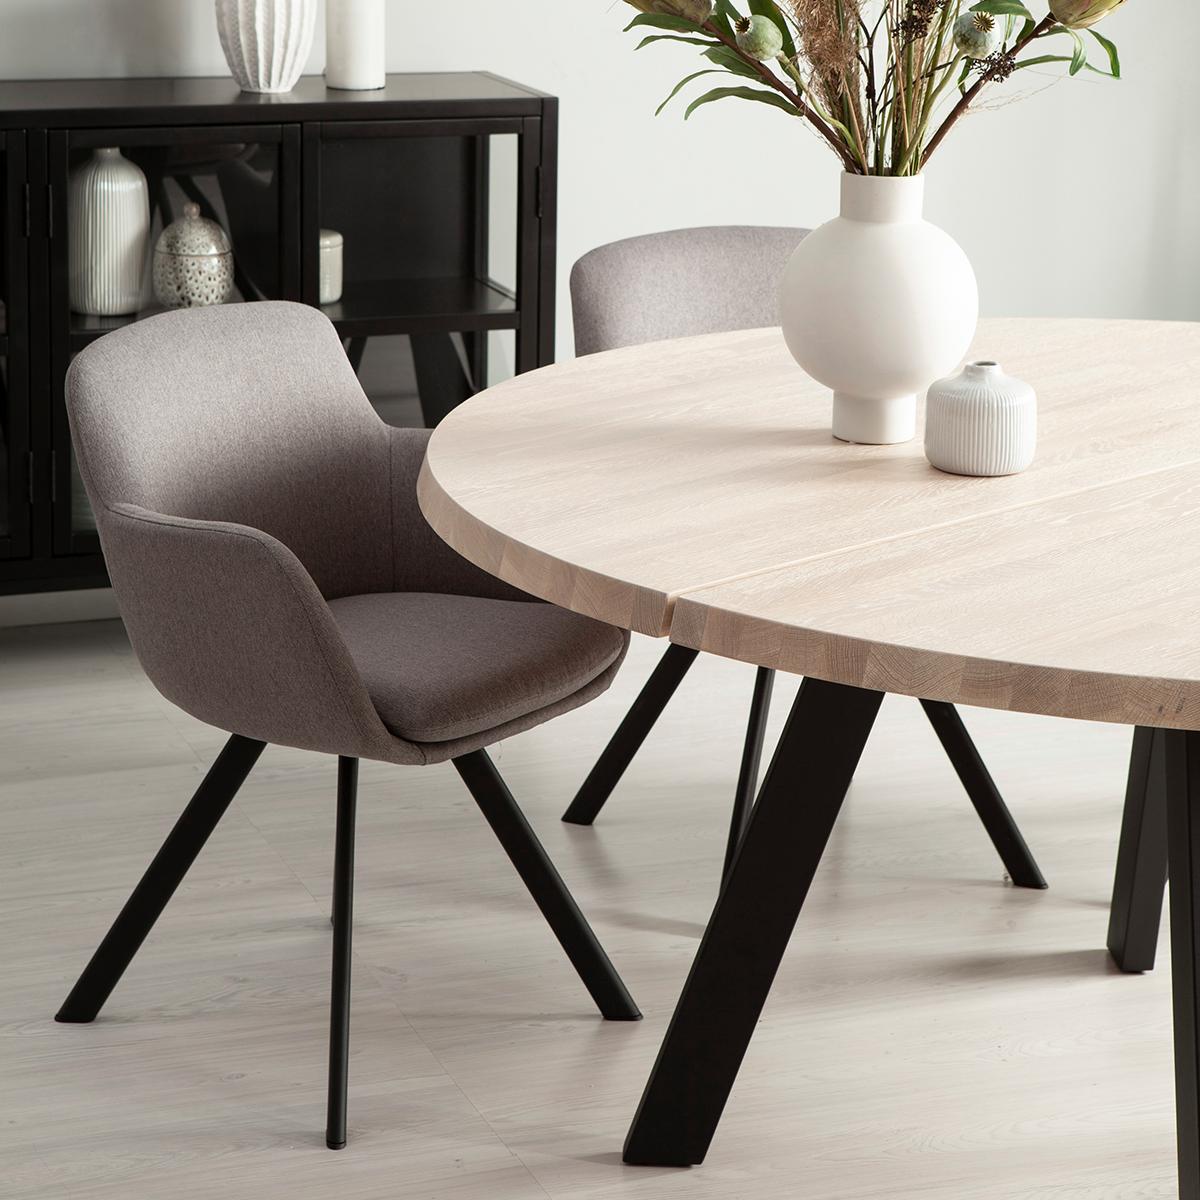 Fred-matbord-runt-160-vitpigm-ek-svart-Westville-stol-miljo-detalj